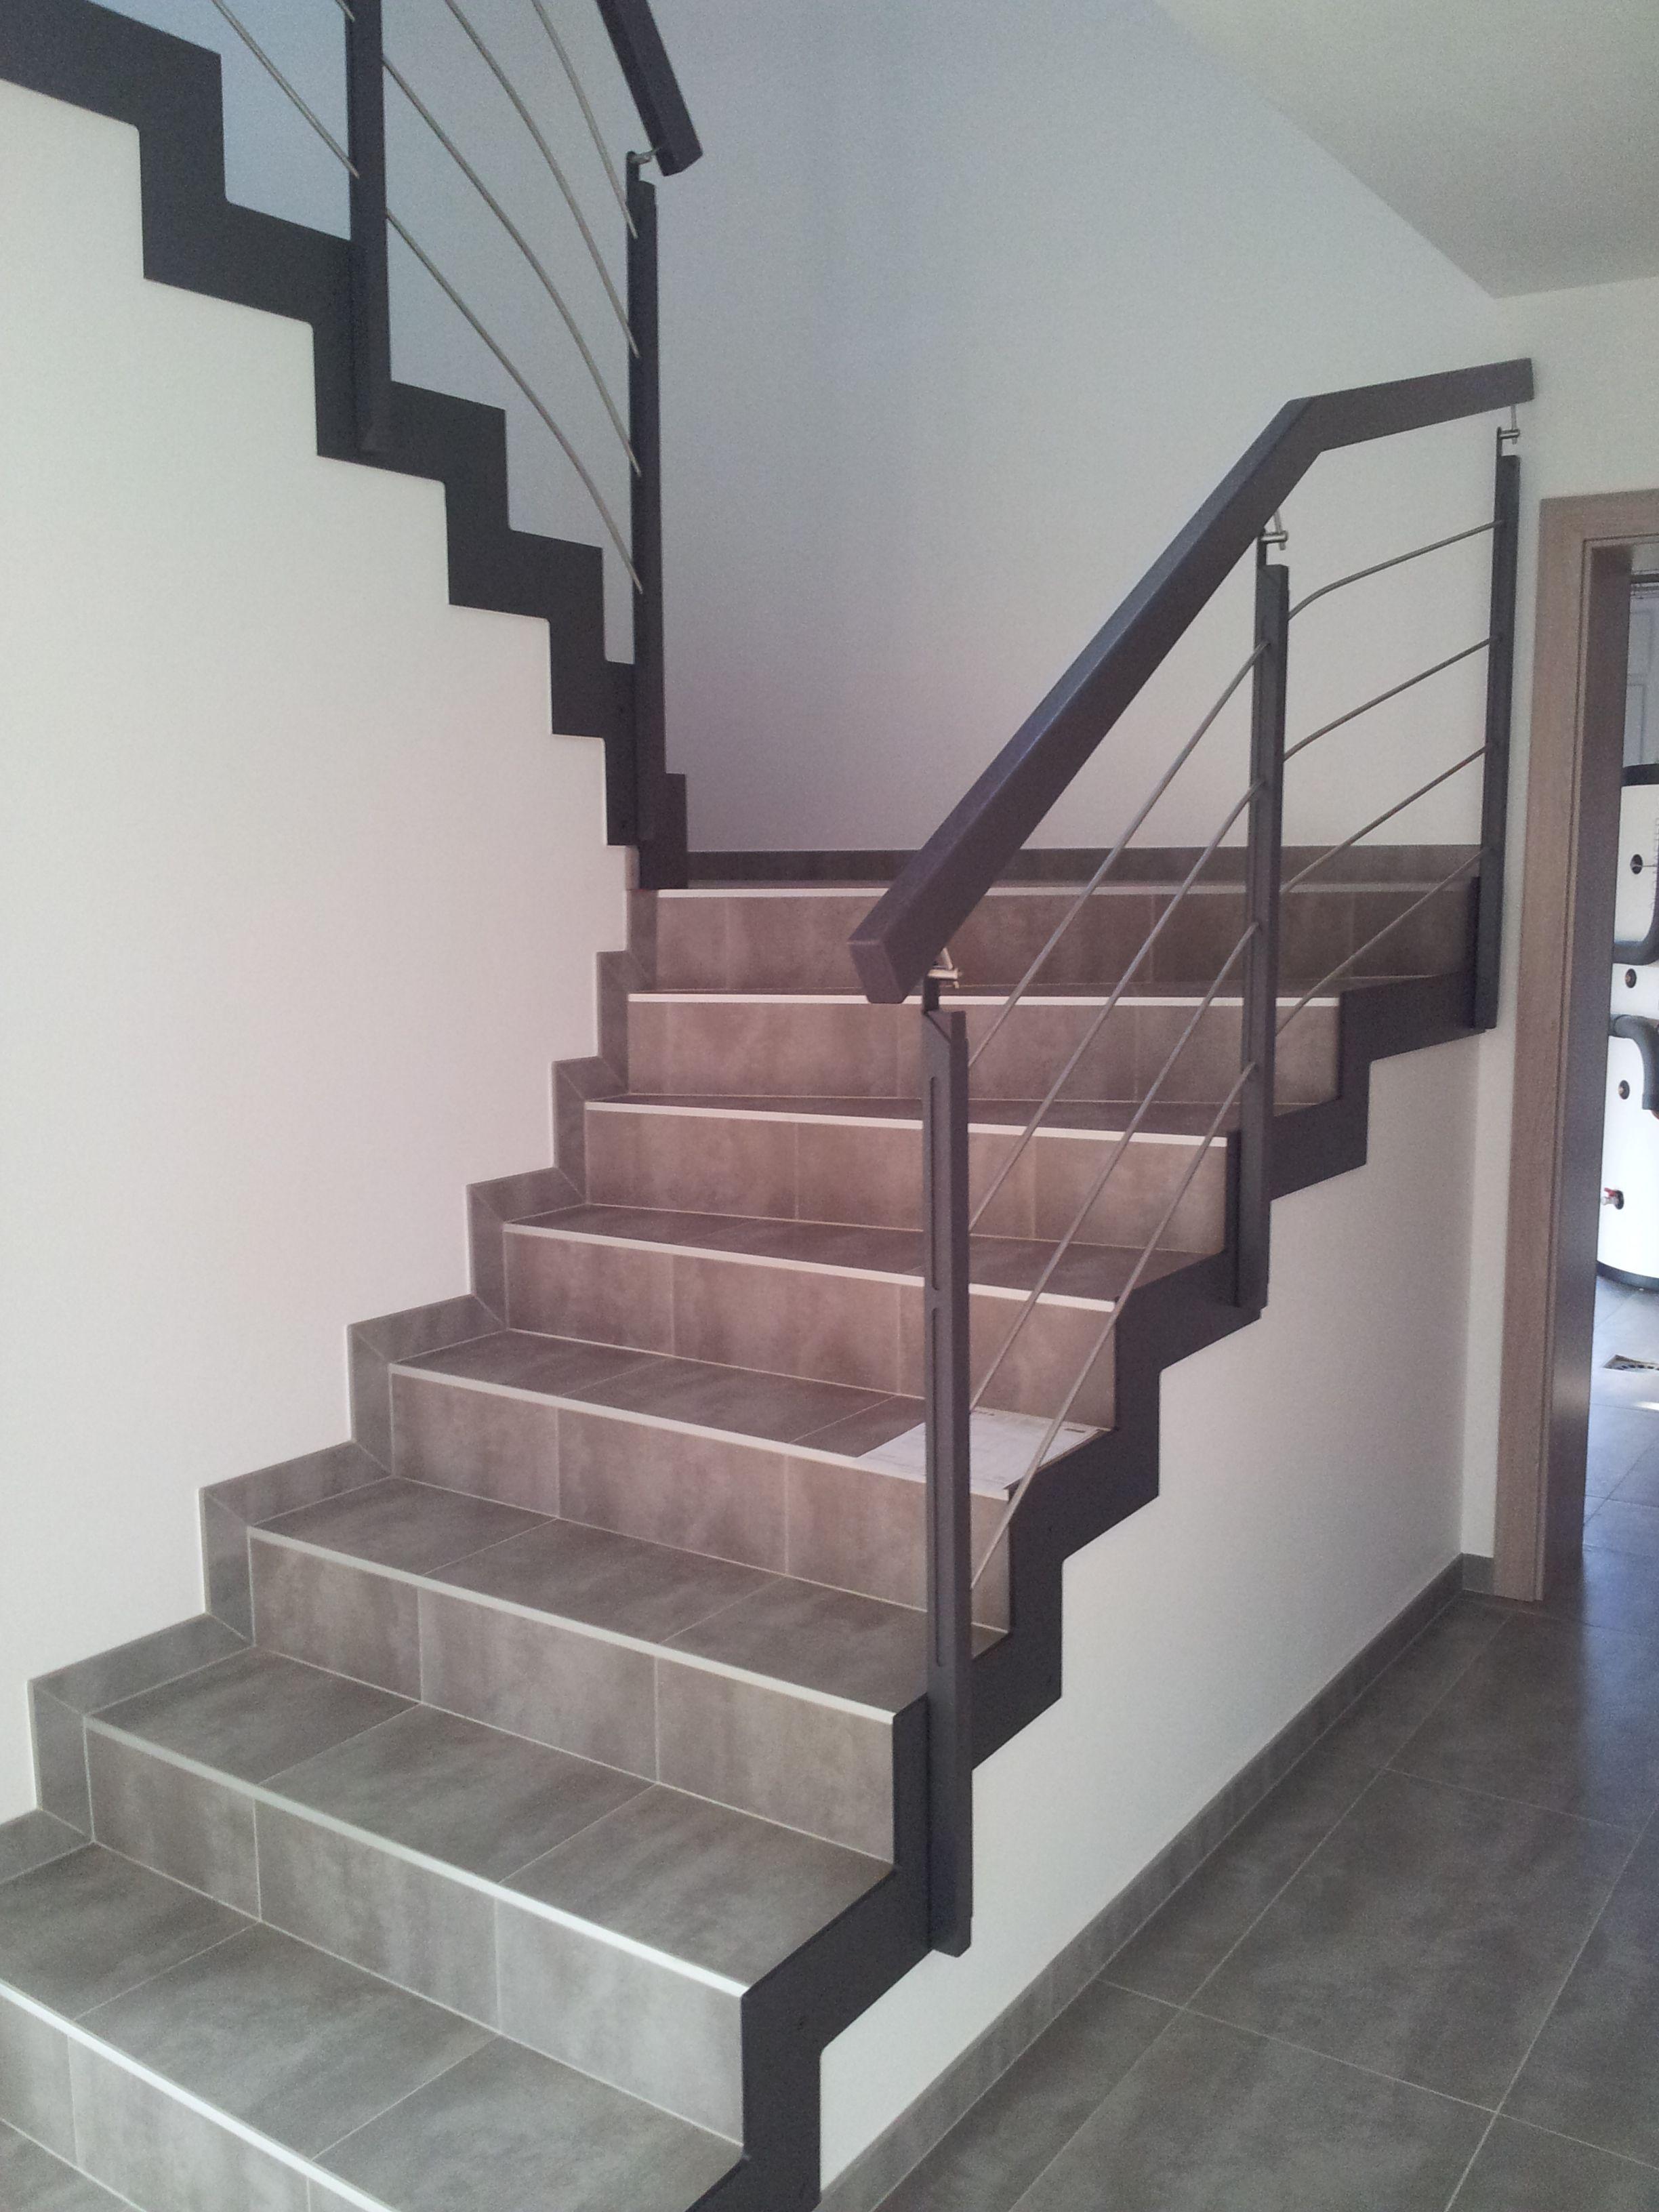 Garde Corps Constitue De Lisses Avec Fixation En Cremaillere Rdv Sur Le Site Www Hurpeau Mousist Com Pour Escalier Carrele Escalier Relooking Renover Escalier